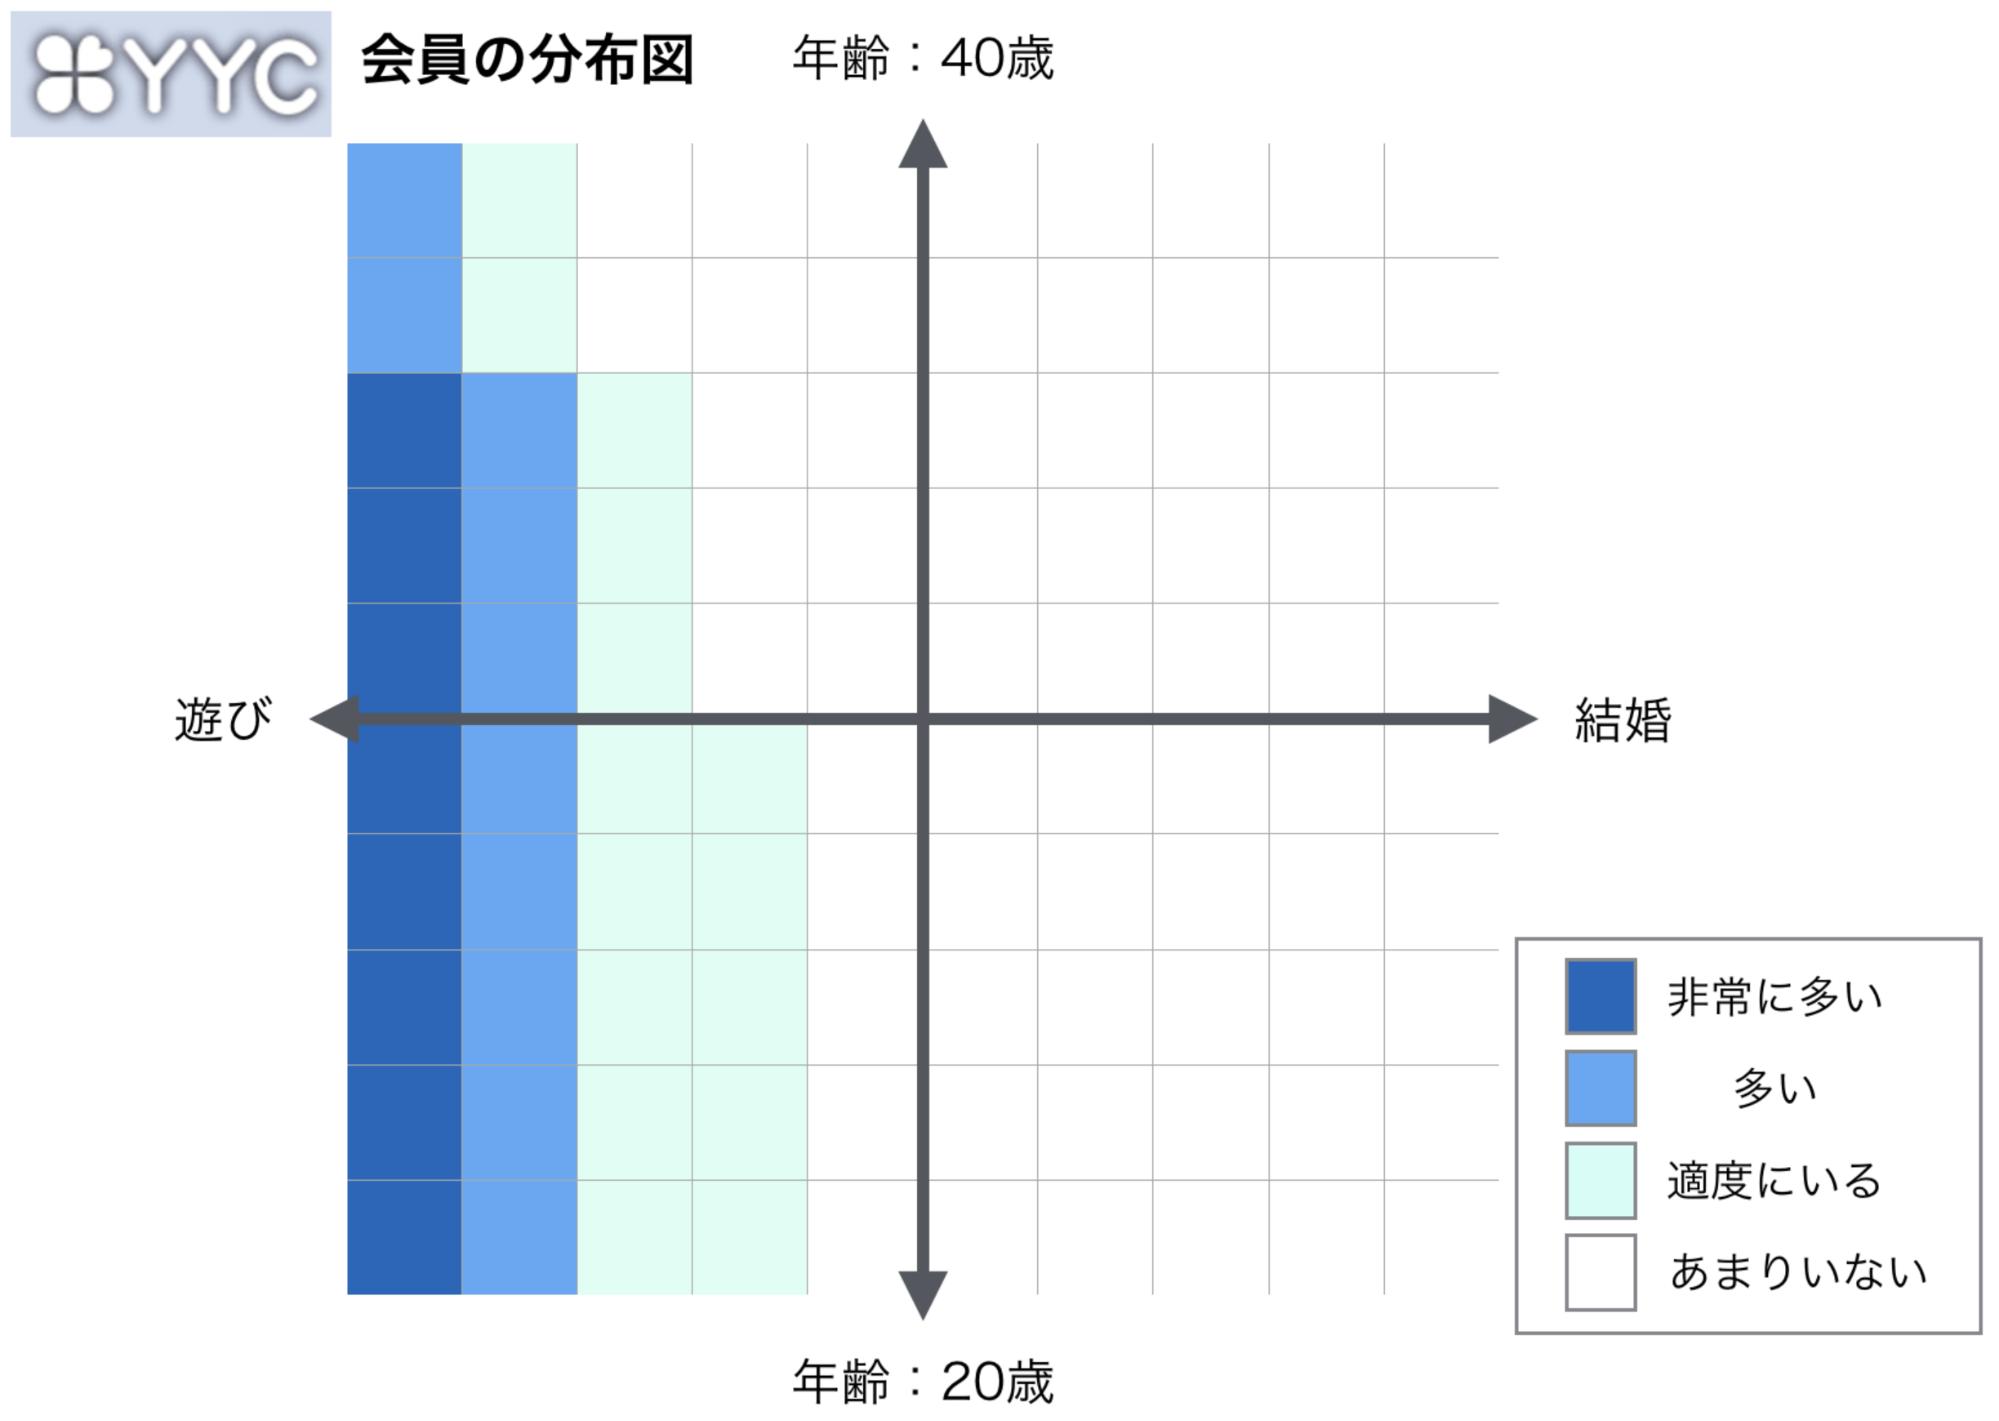 YYCの会員分布図